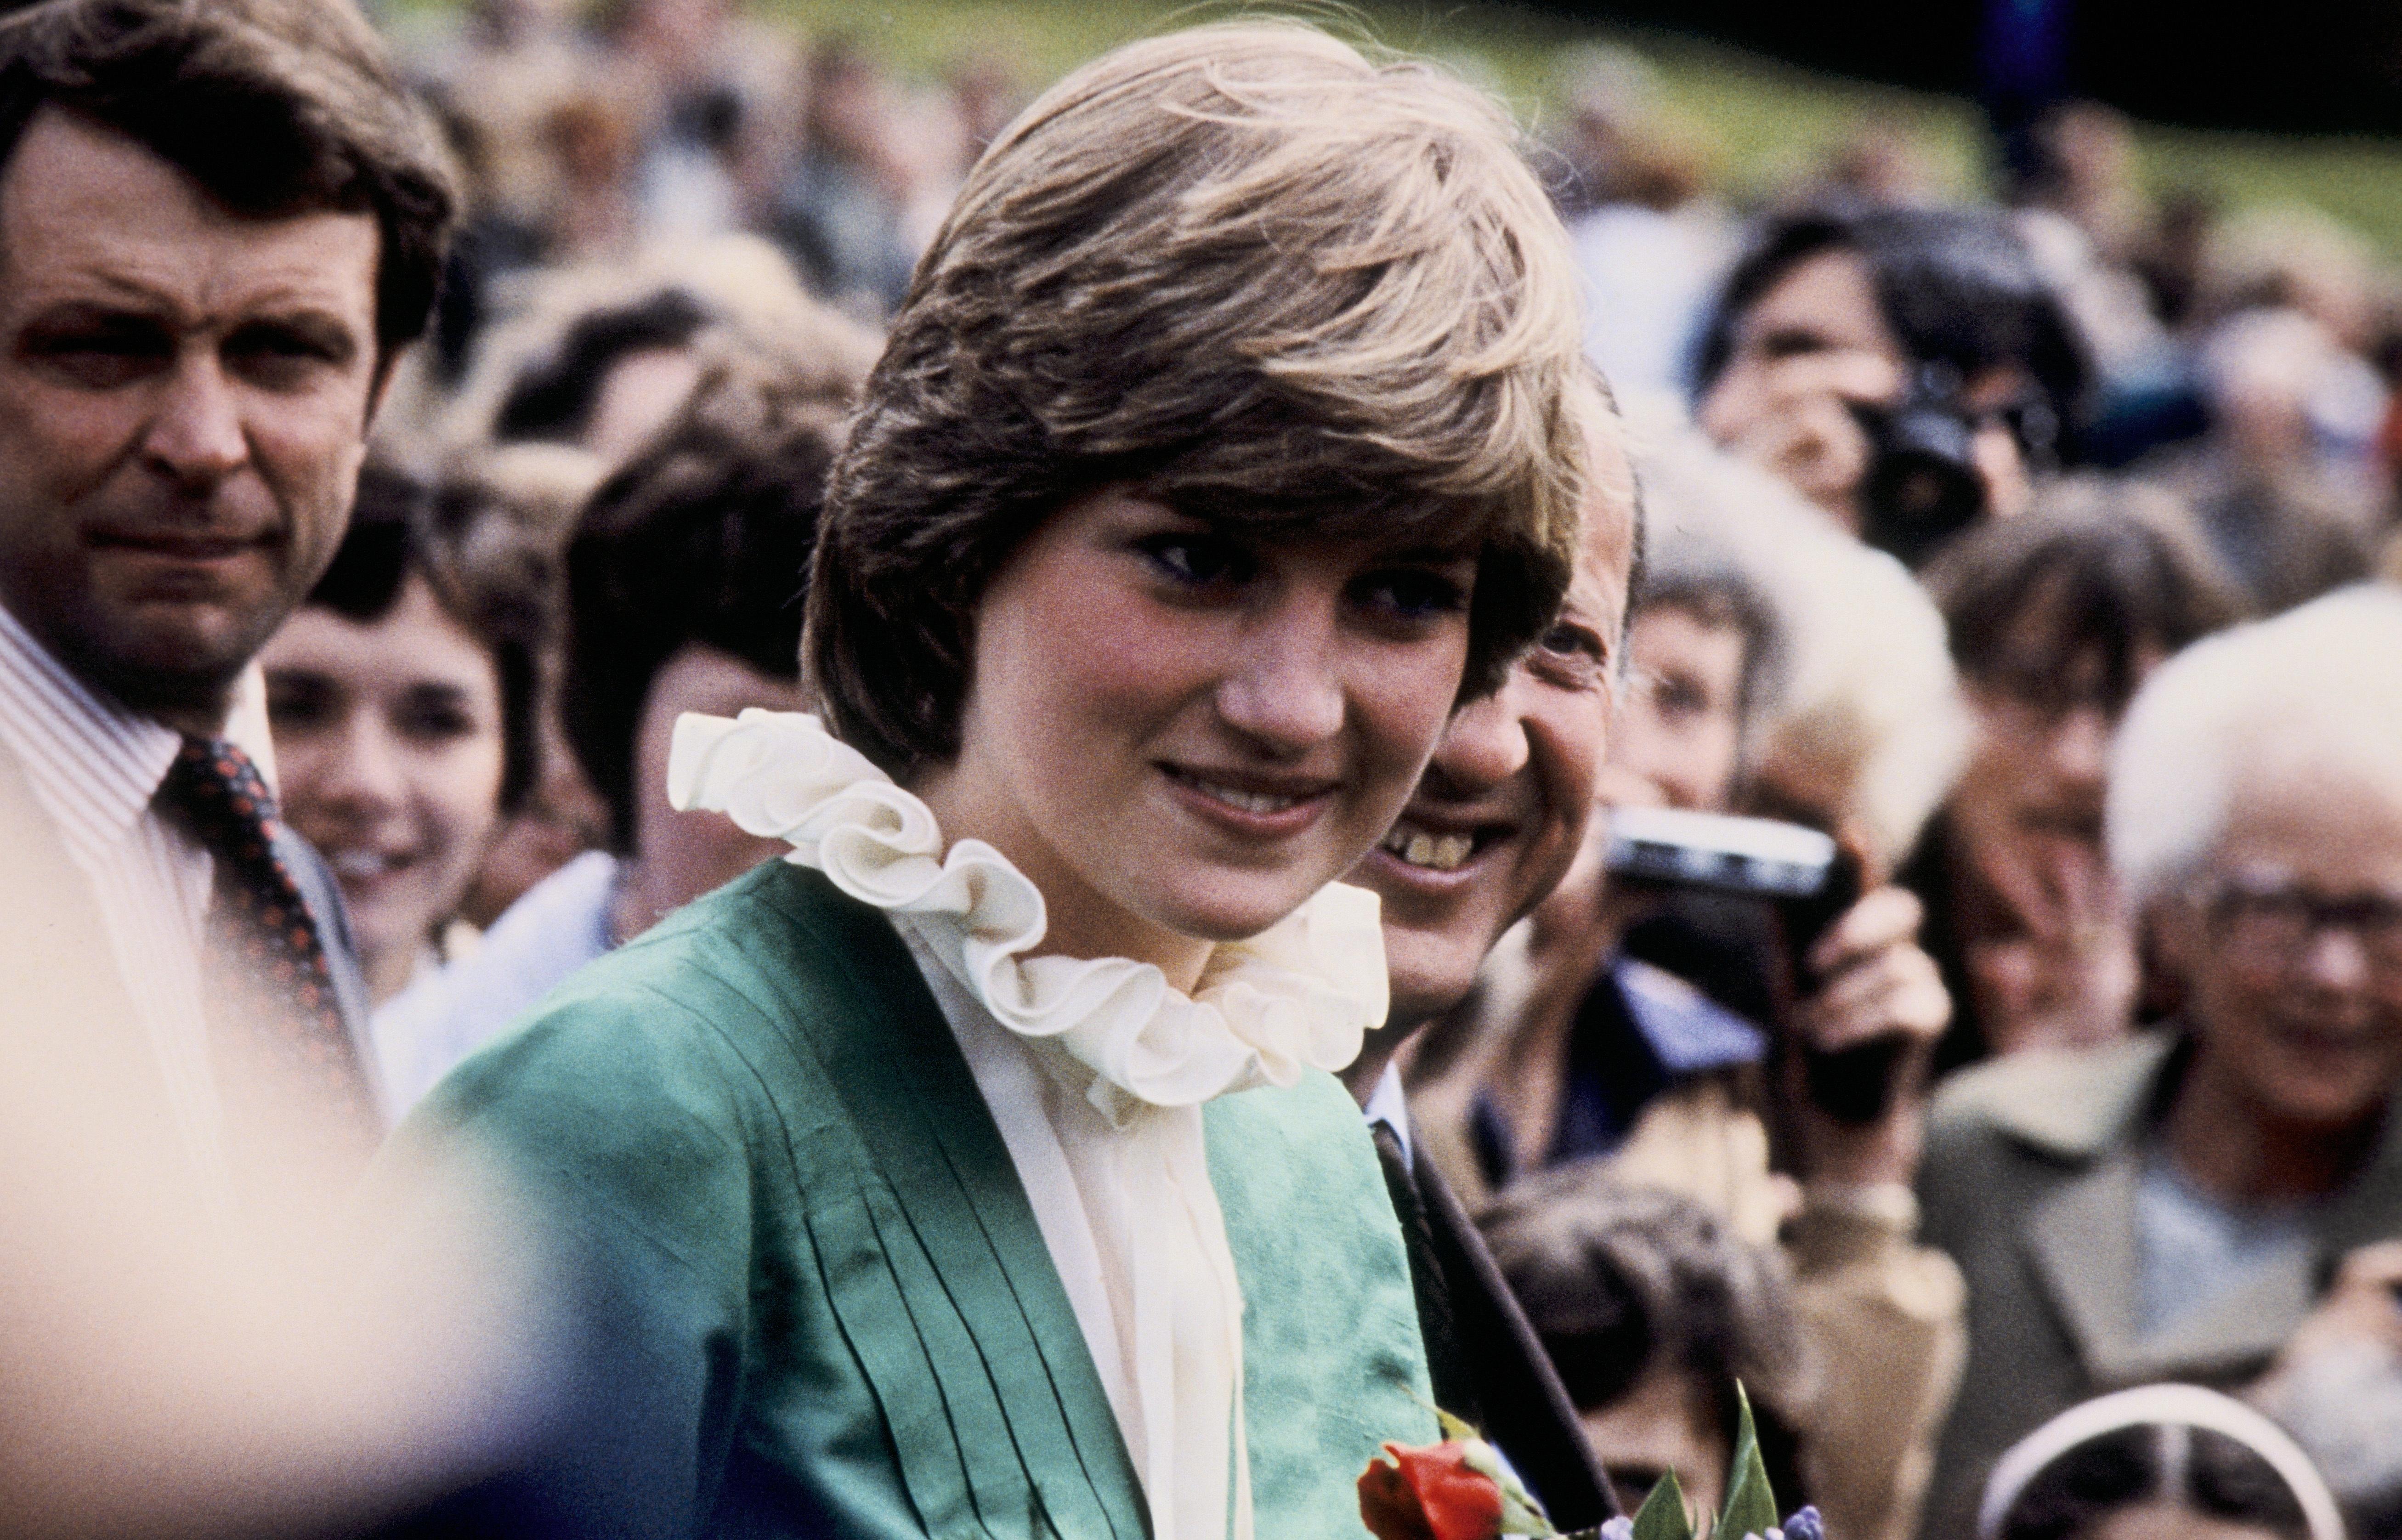 Princess Diana circa 1980